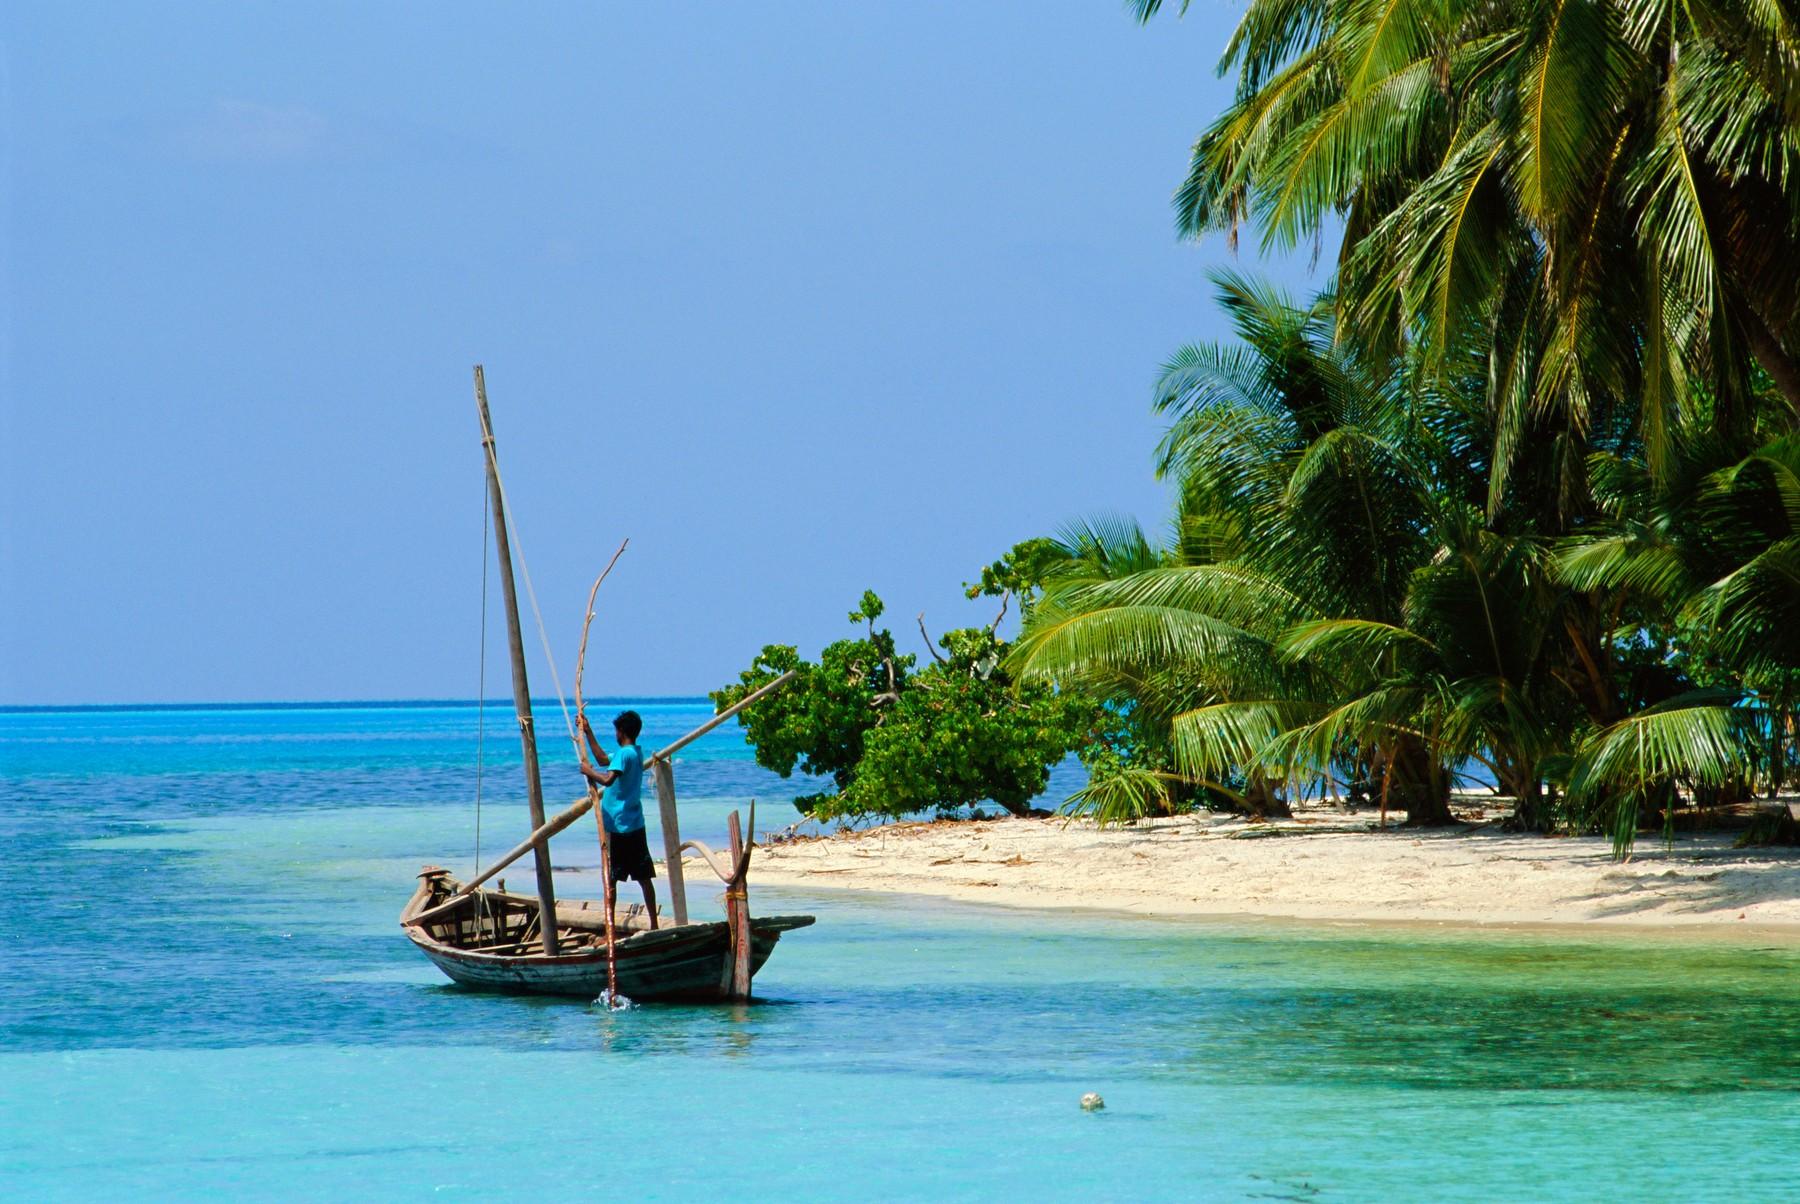 """Insulele Maldive ar putea disparea pana la sfarsitul secolului: """"Nu vom supravietui. Nu exista un teren mai inalt pentru noi"""""""